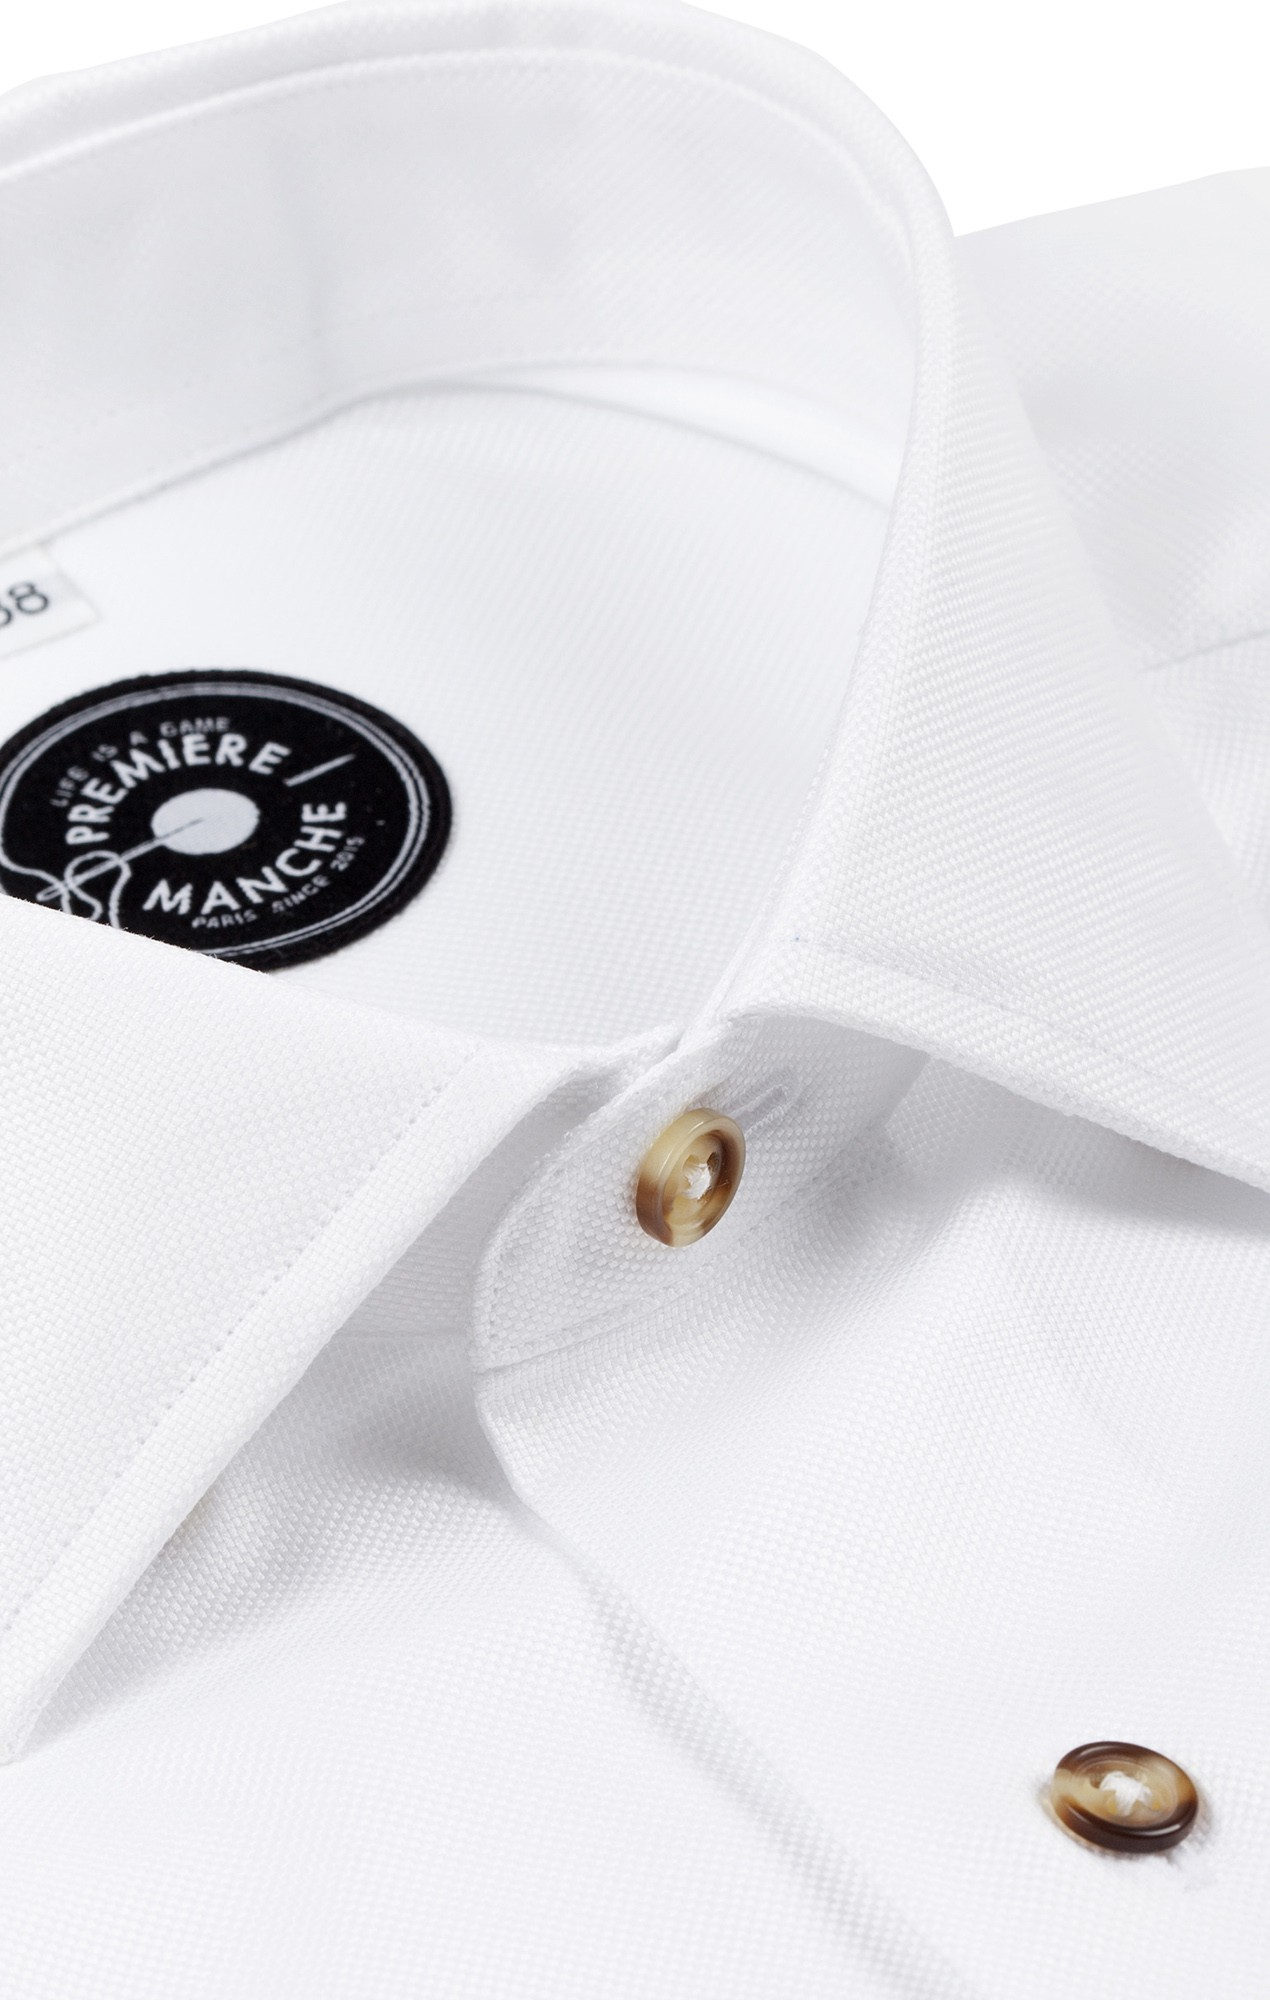 Chemise blanche Oxford natté boutons corne Toutes nos chemises